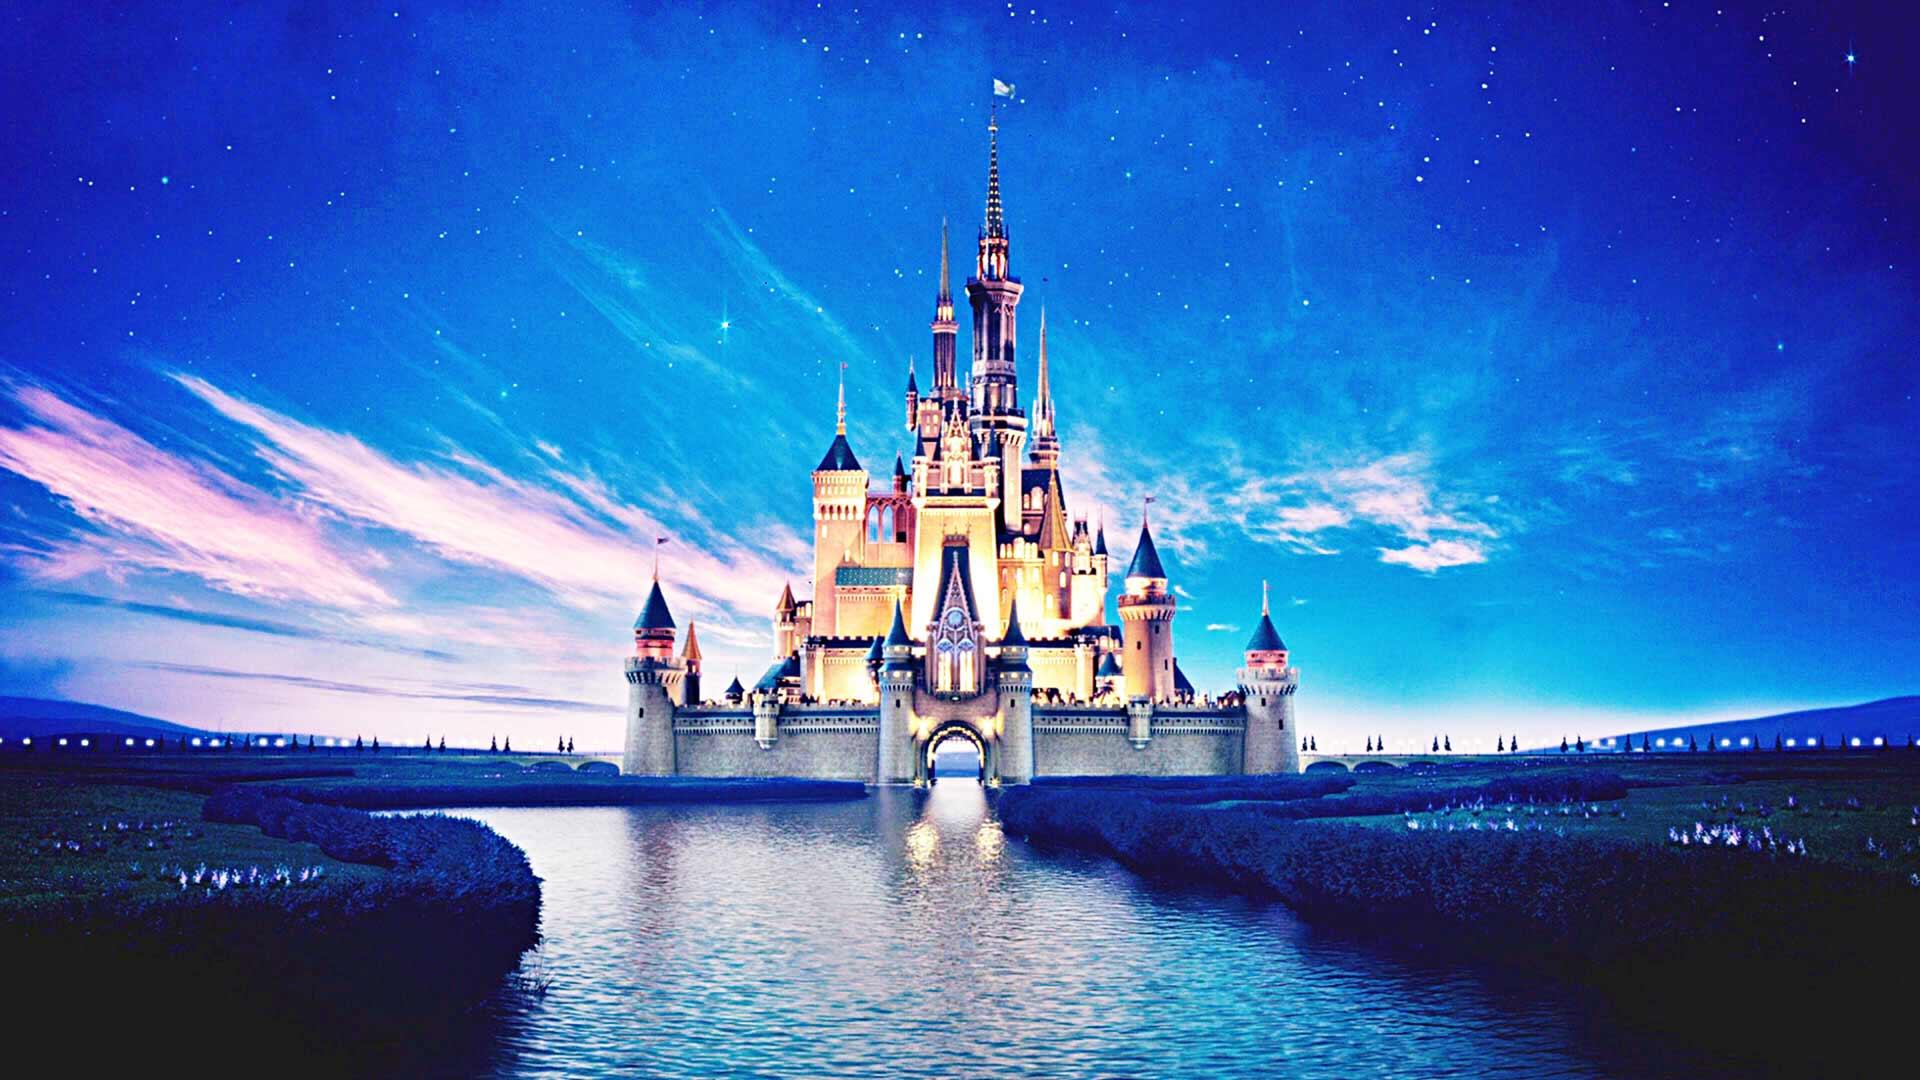 Disney Frozen Wallpapers amp Desktop Backgrounds Frozen 1920x1080